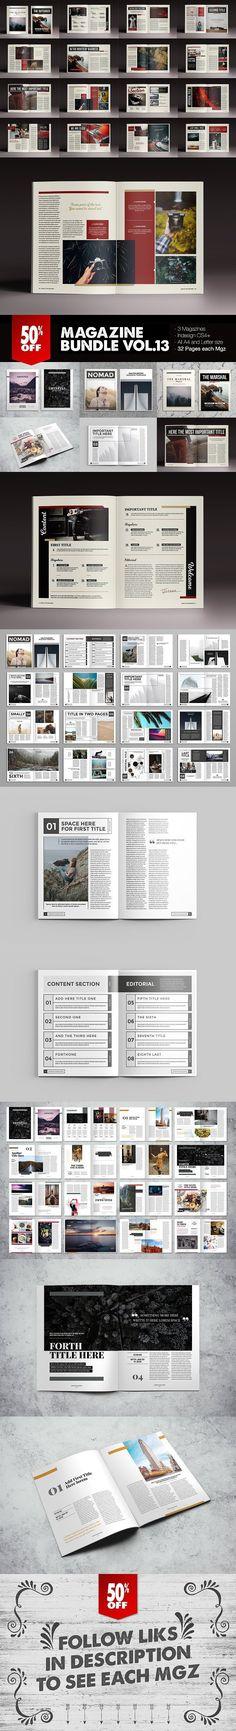 Magazine Bundle 13 #magazine #indesign